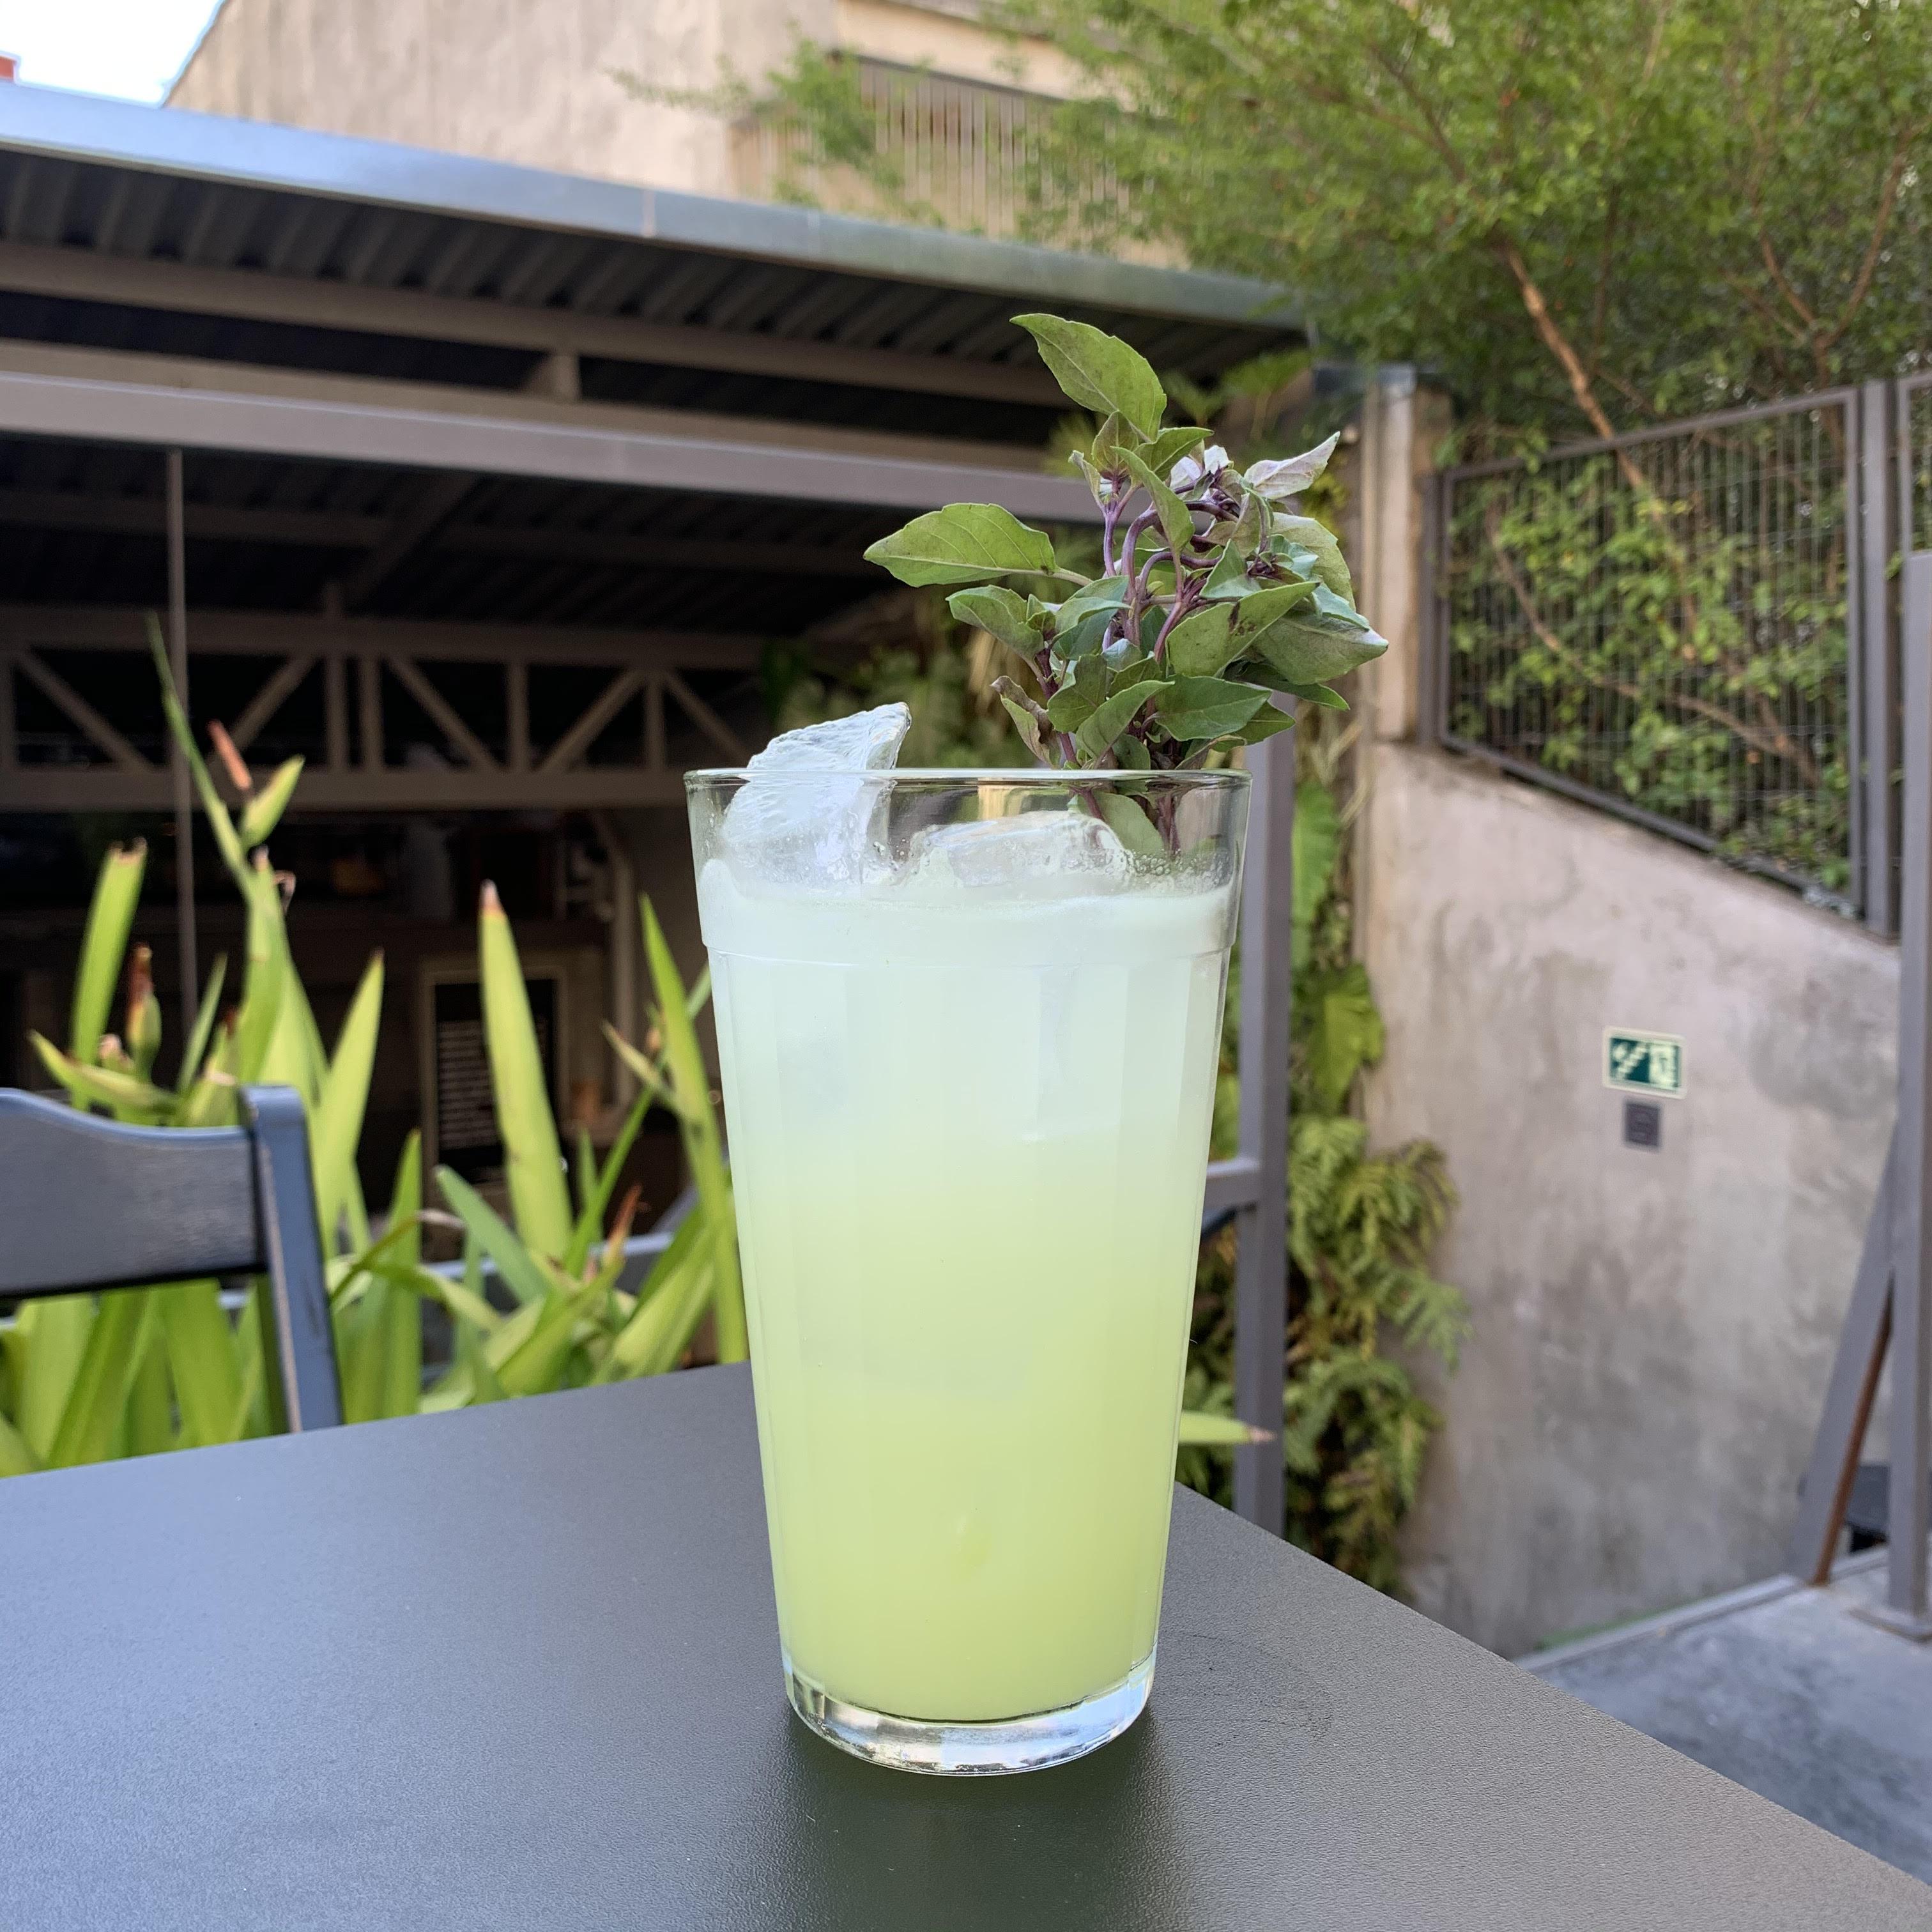 Drinque em copo alto sobre mesa com plantas atrás